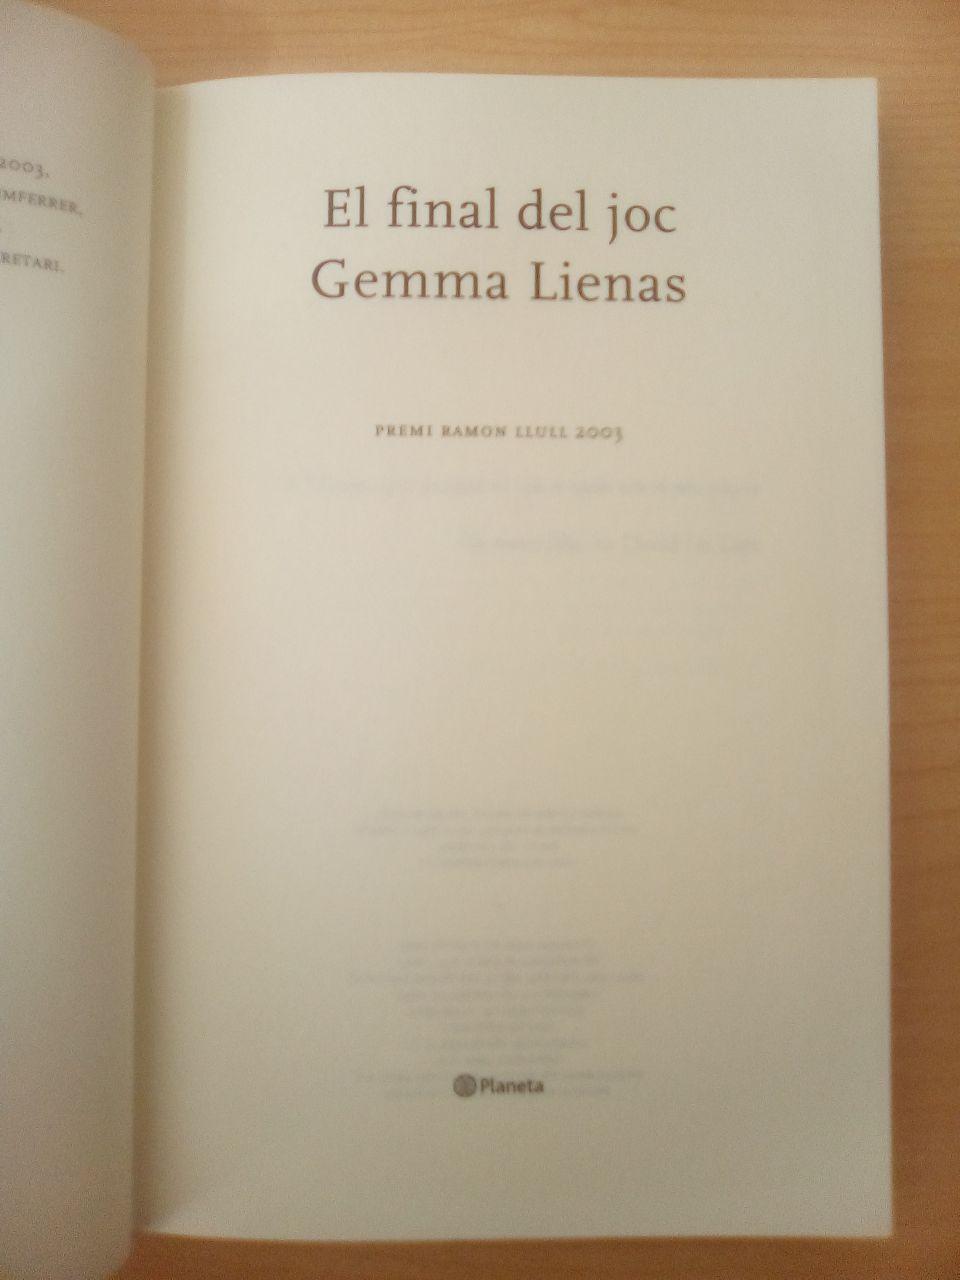 El final del joc, de Gemma Lienas